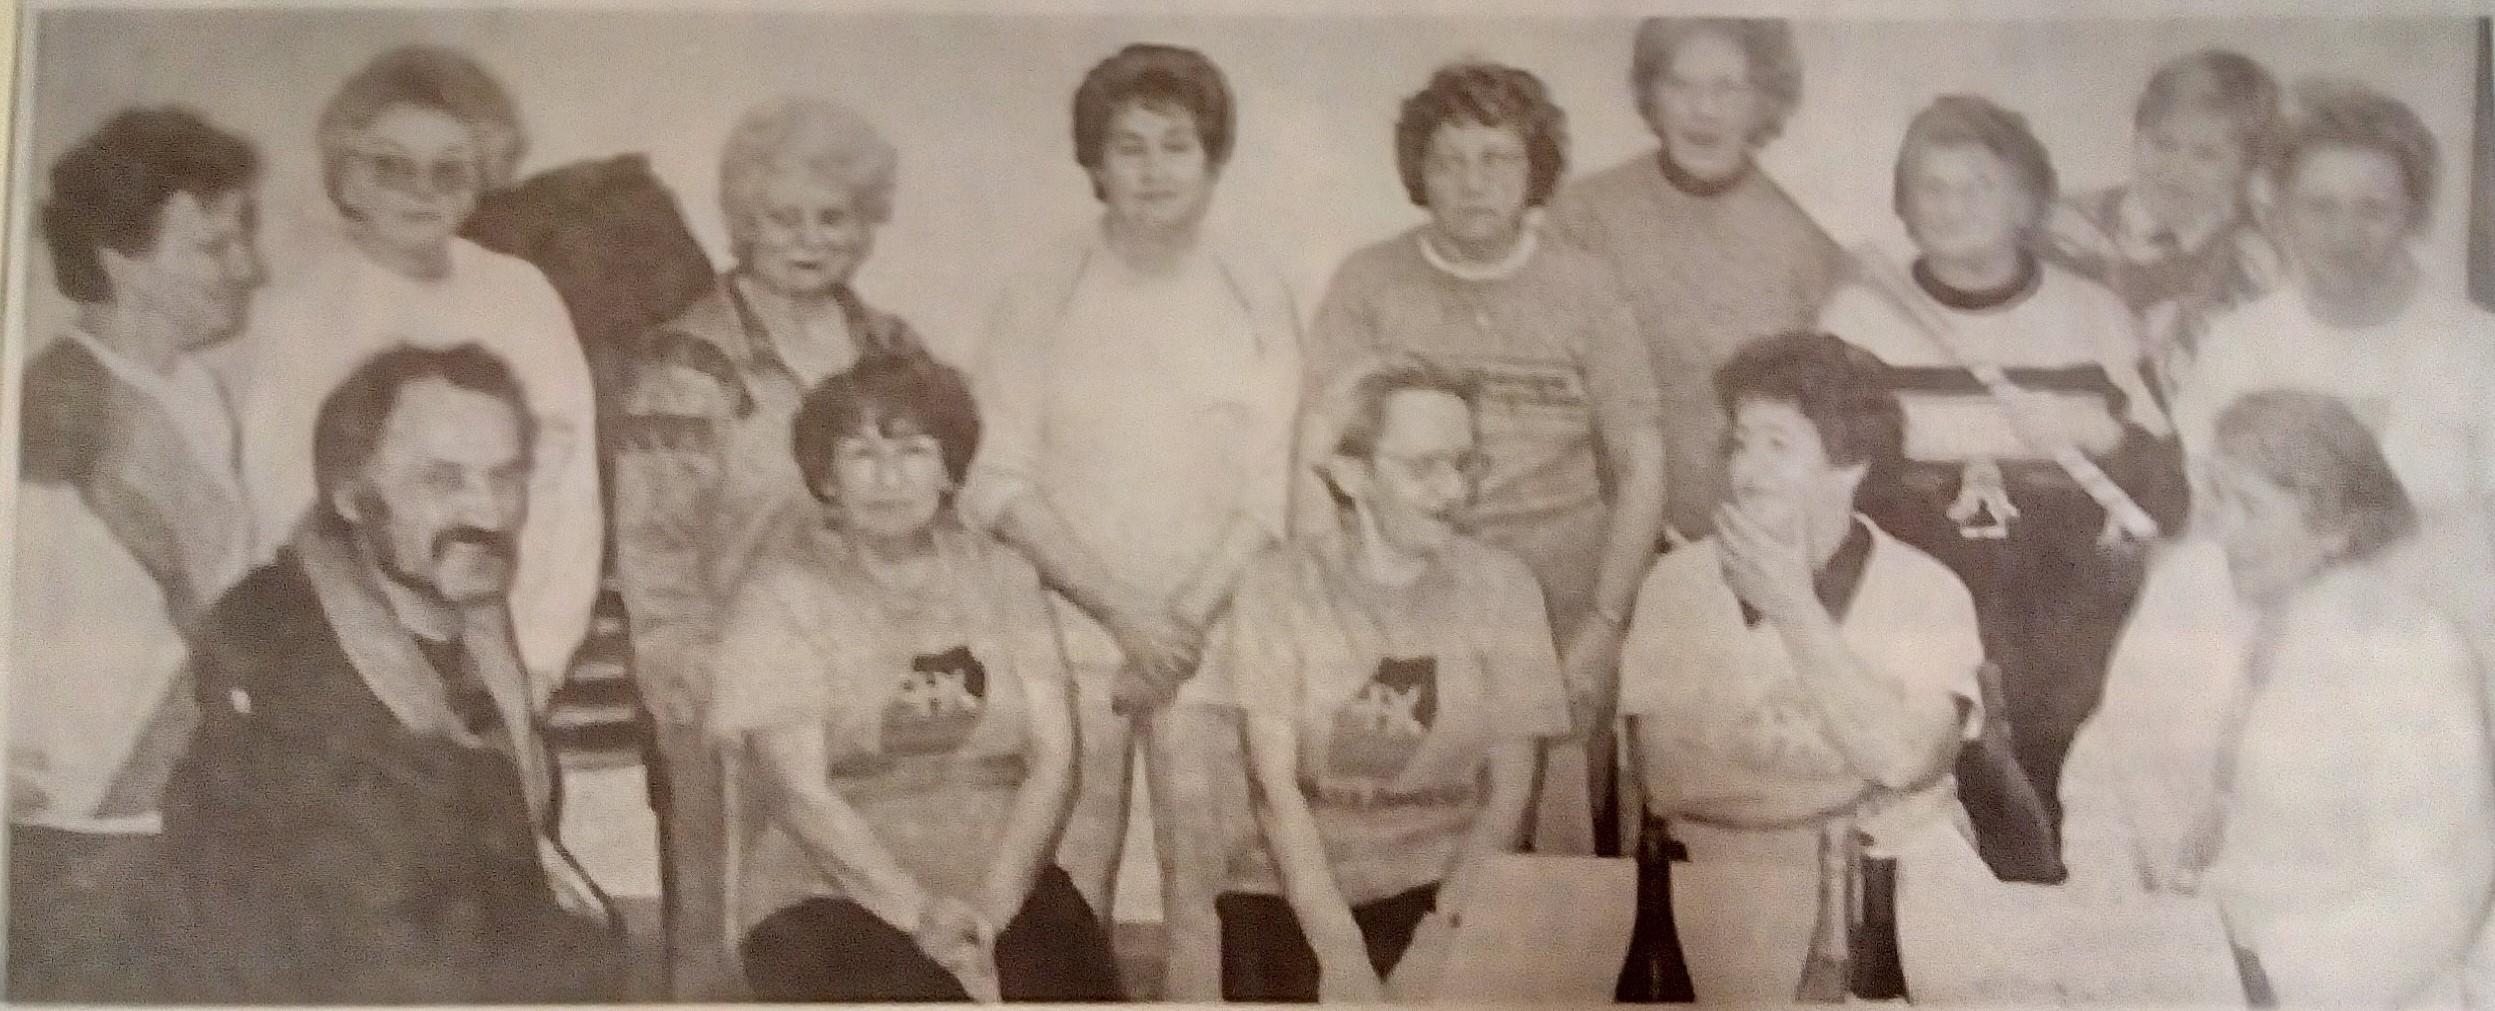 Paquerettes 1991